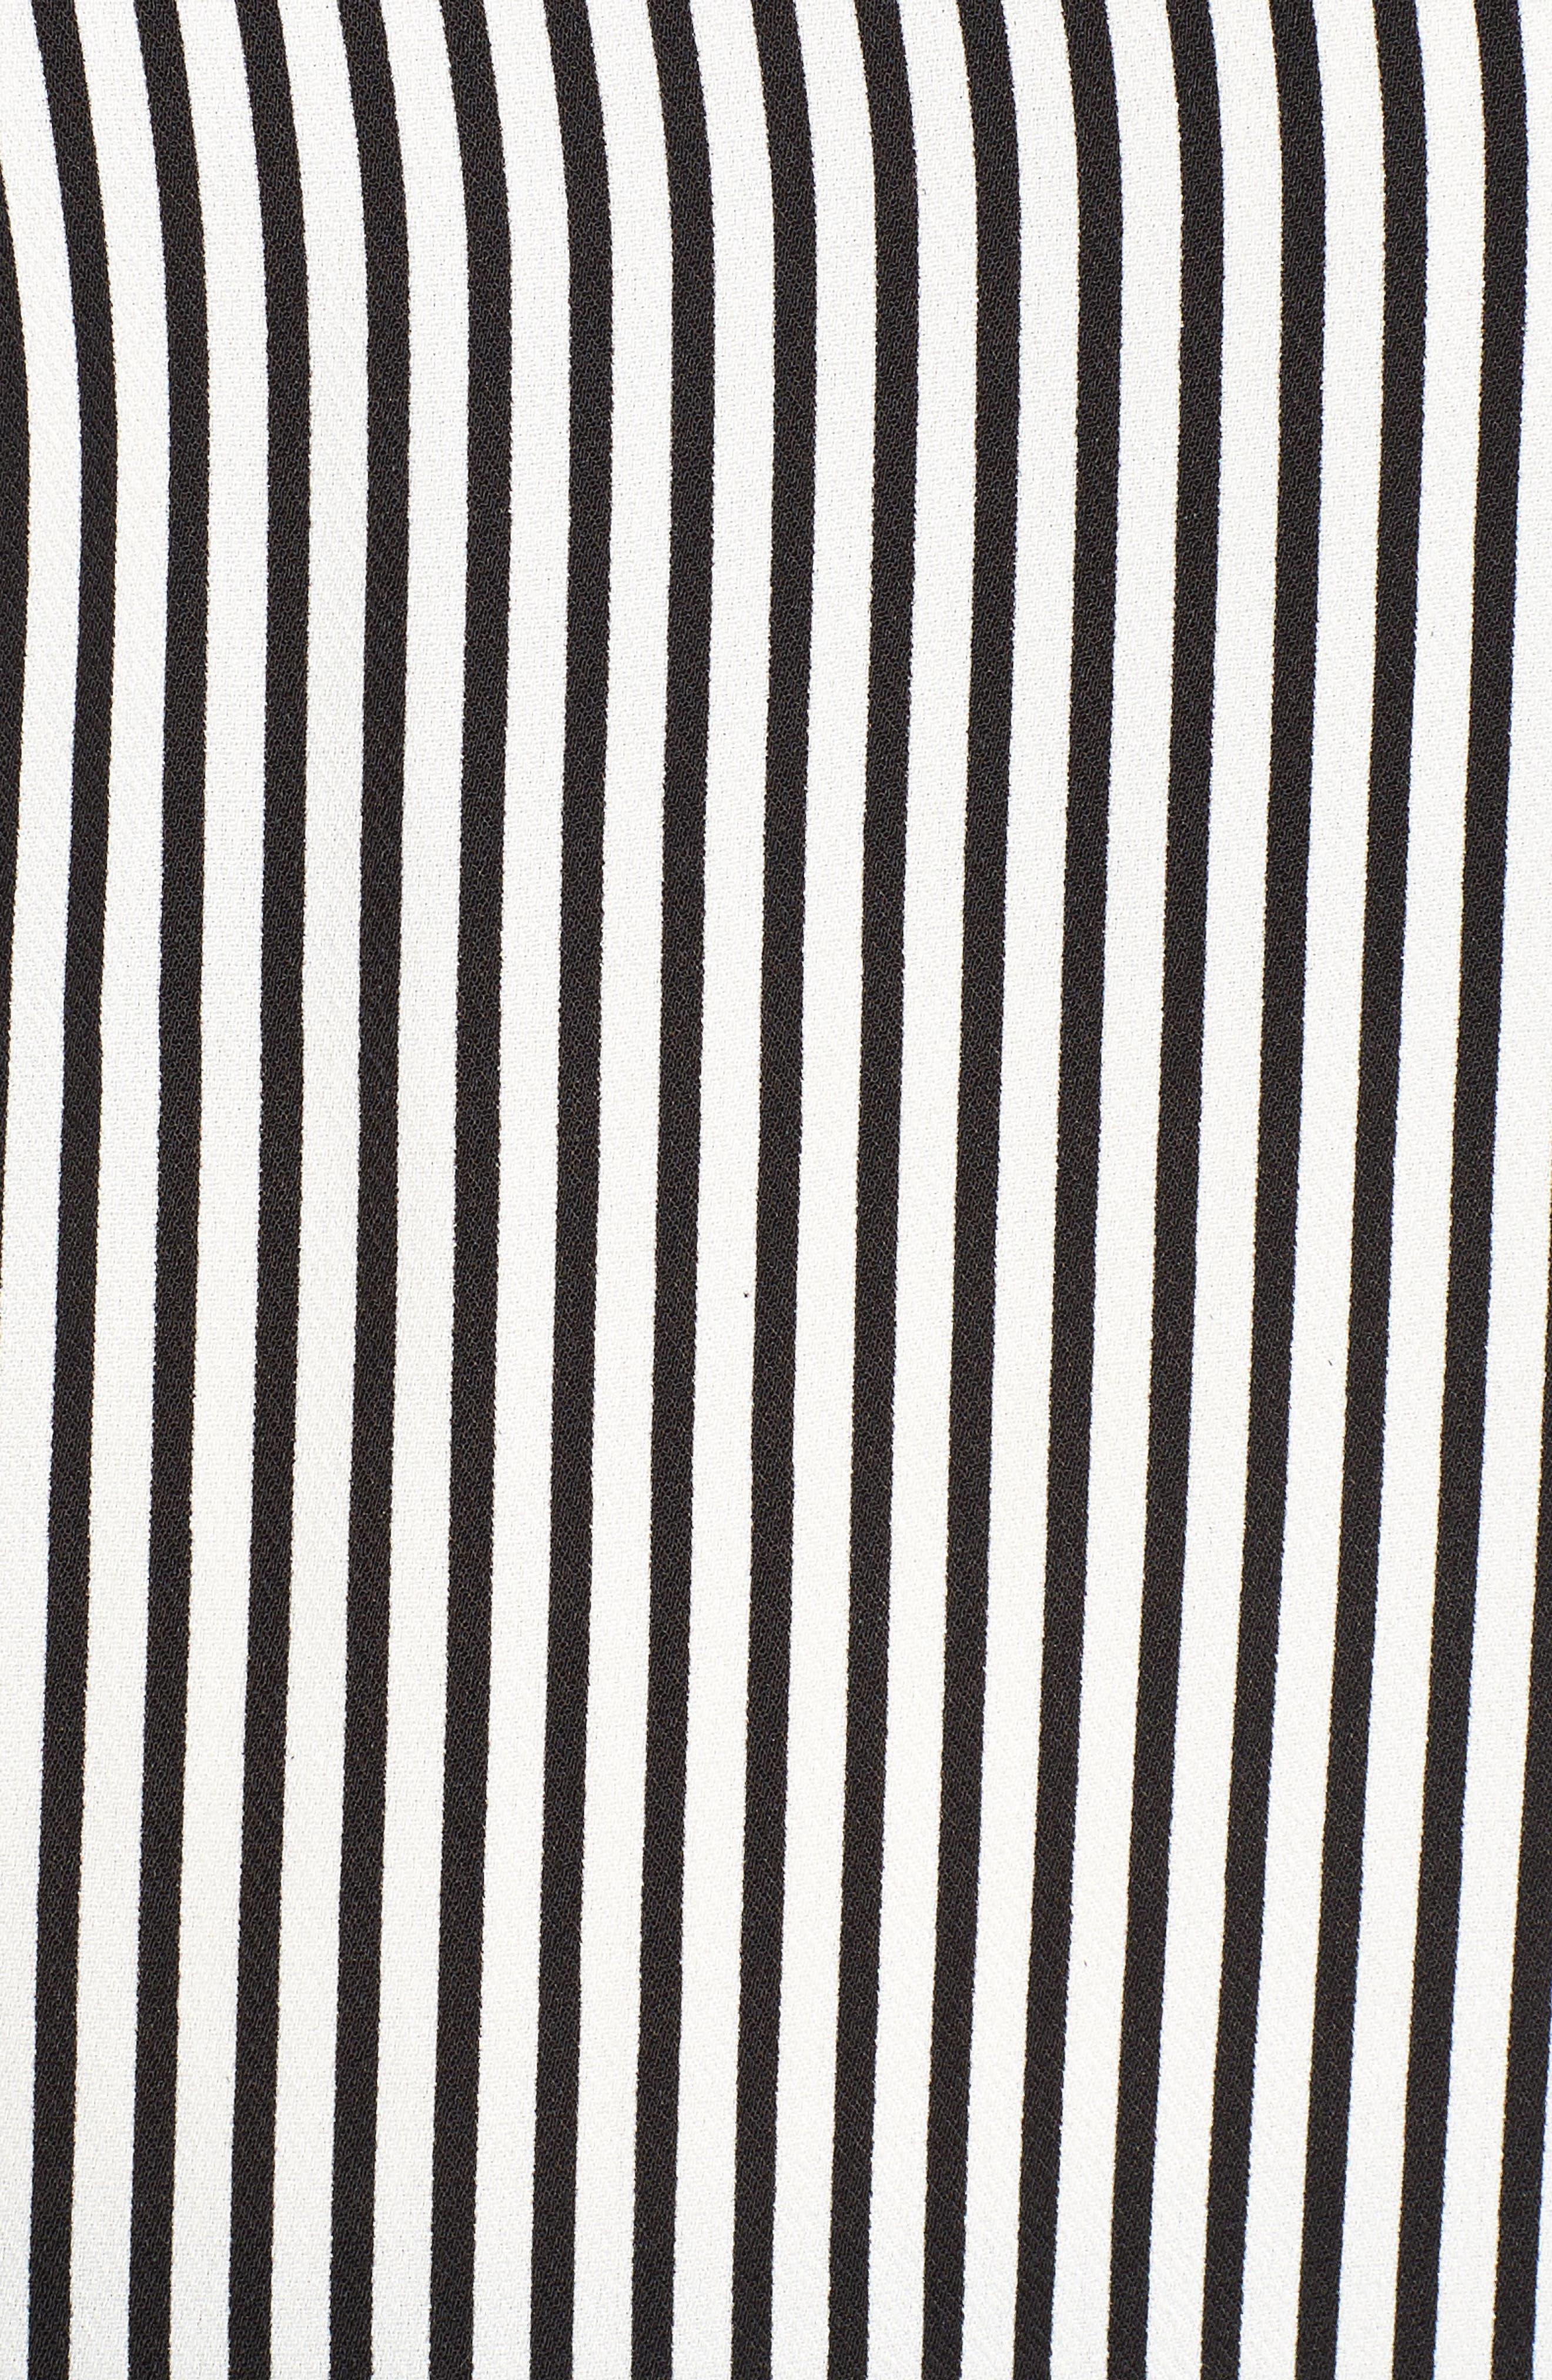 Bishop + Young Ava Stripe Cold Shoulder Top,                             Alternate thumbnail 6, color,                             BLACK STRIPE